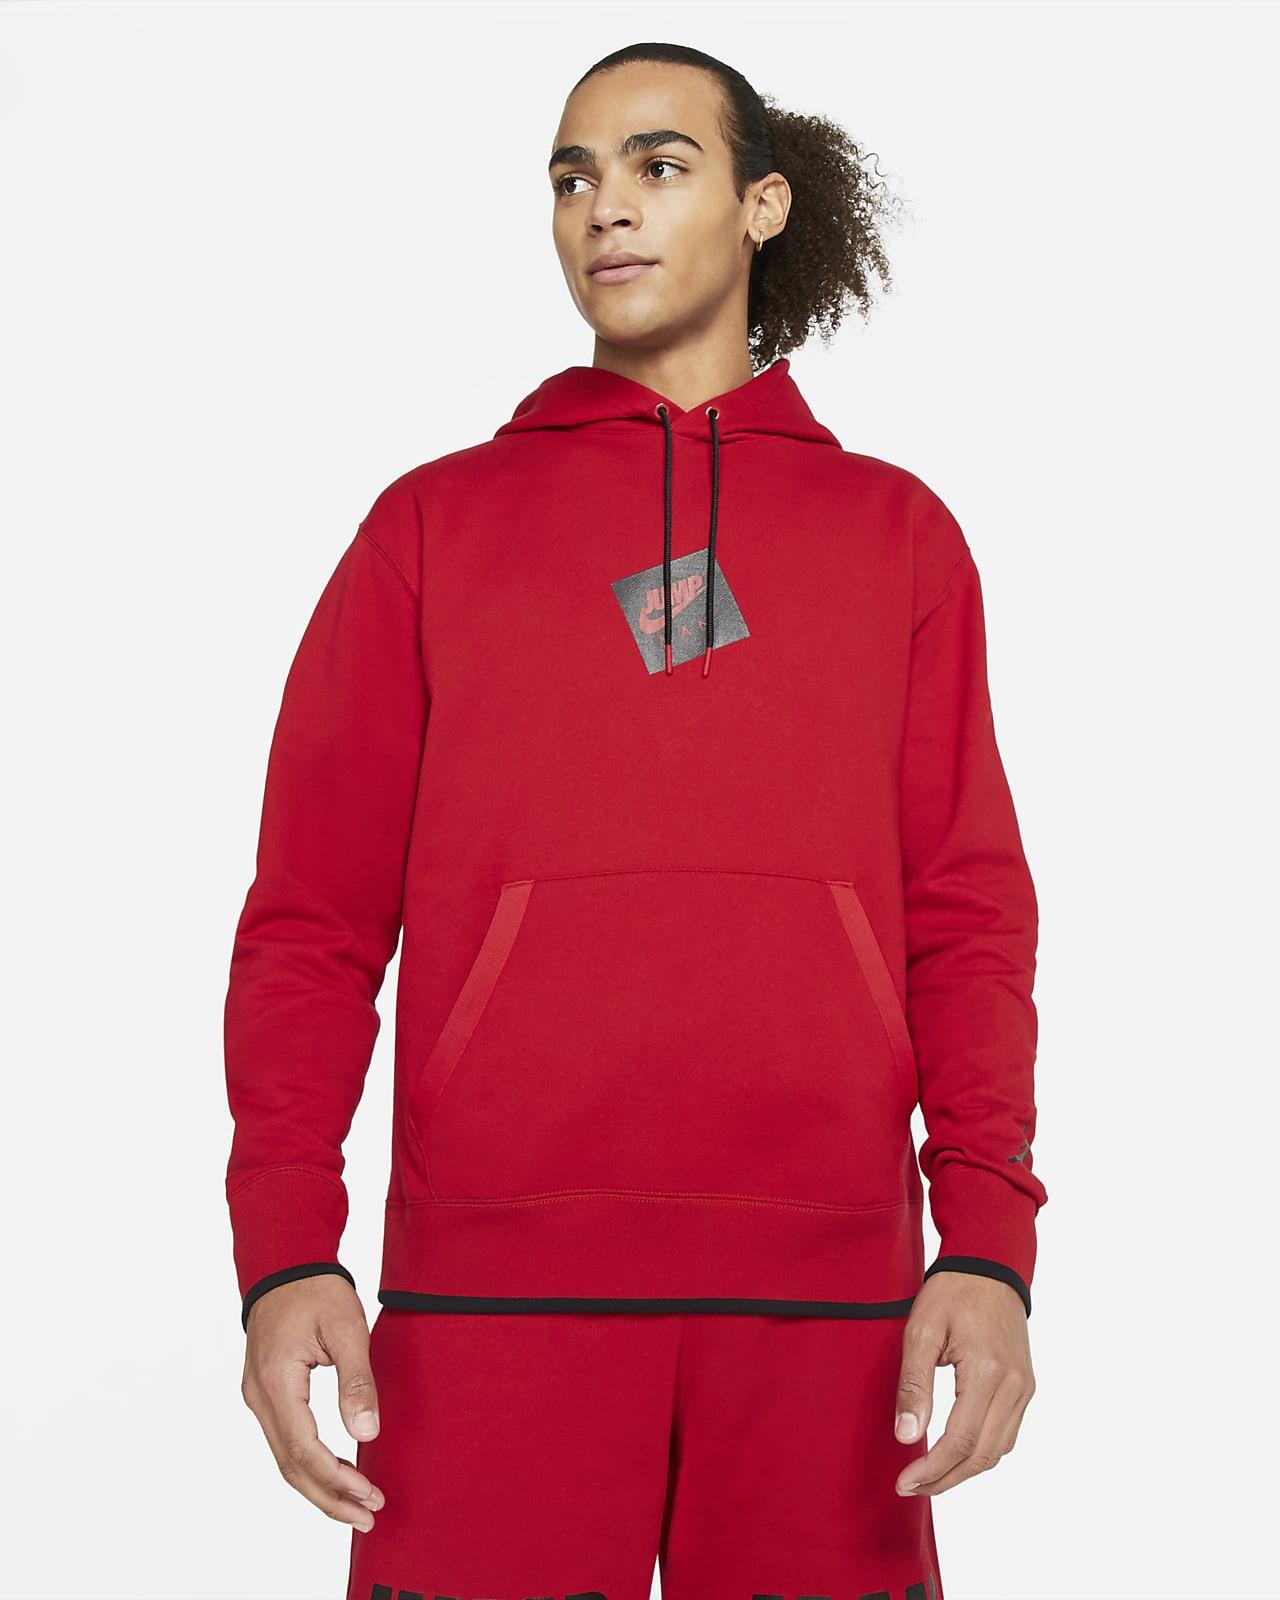 Felpa pullover in fleece con cappuccio e stampa Jordan Jumpman Classics - Uomo